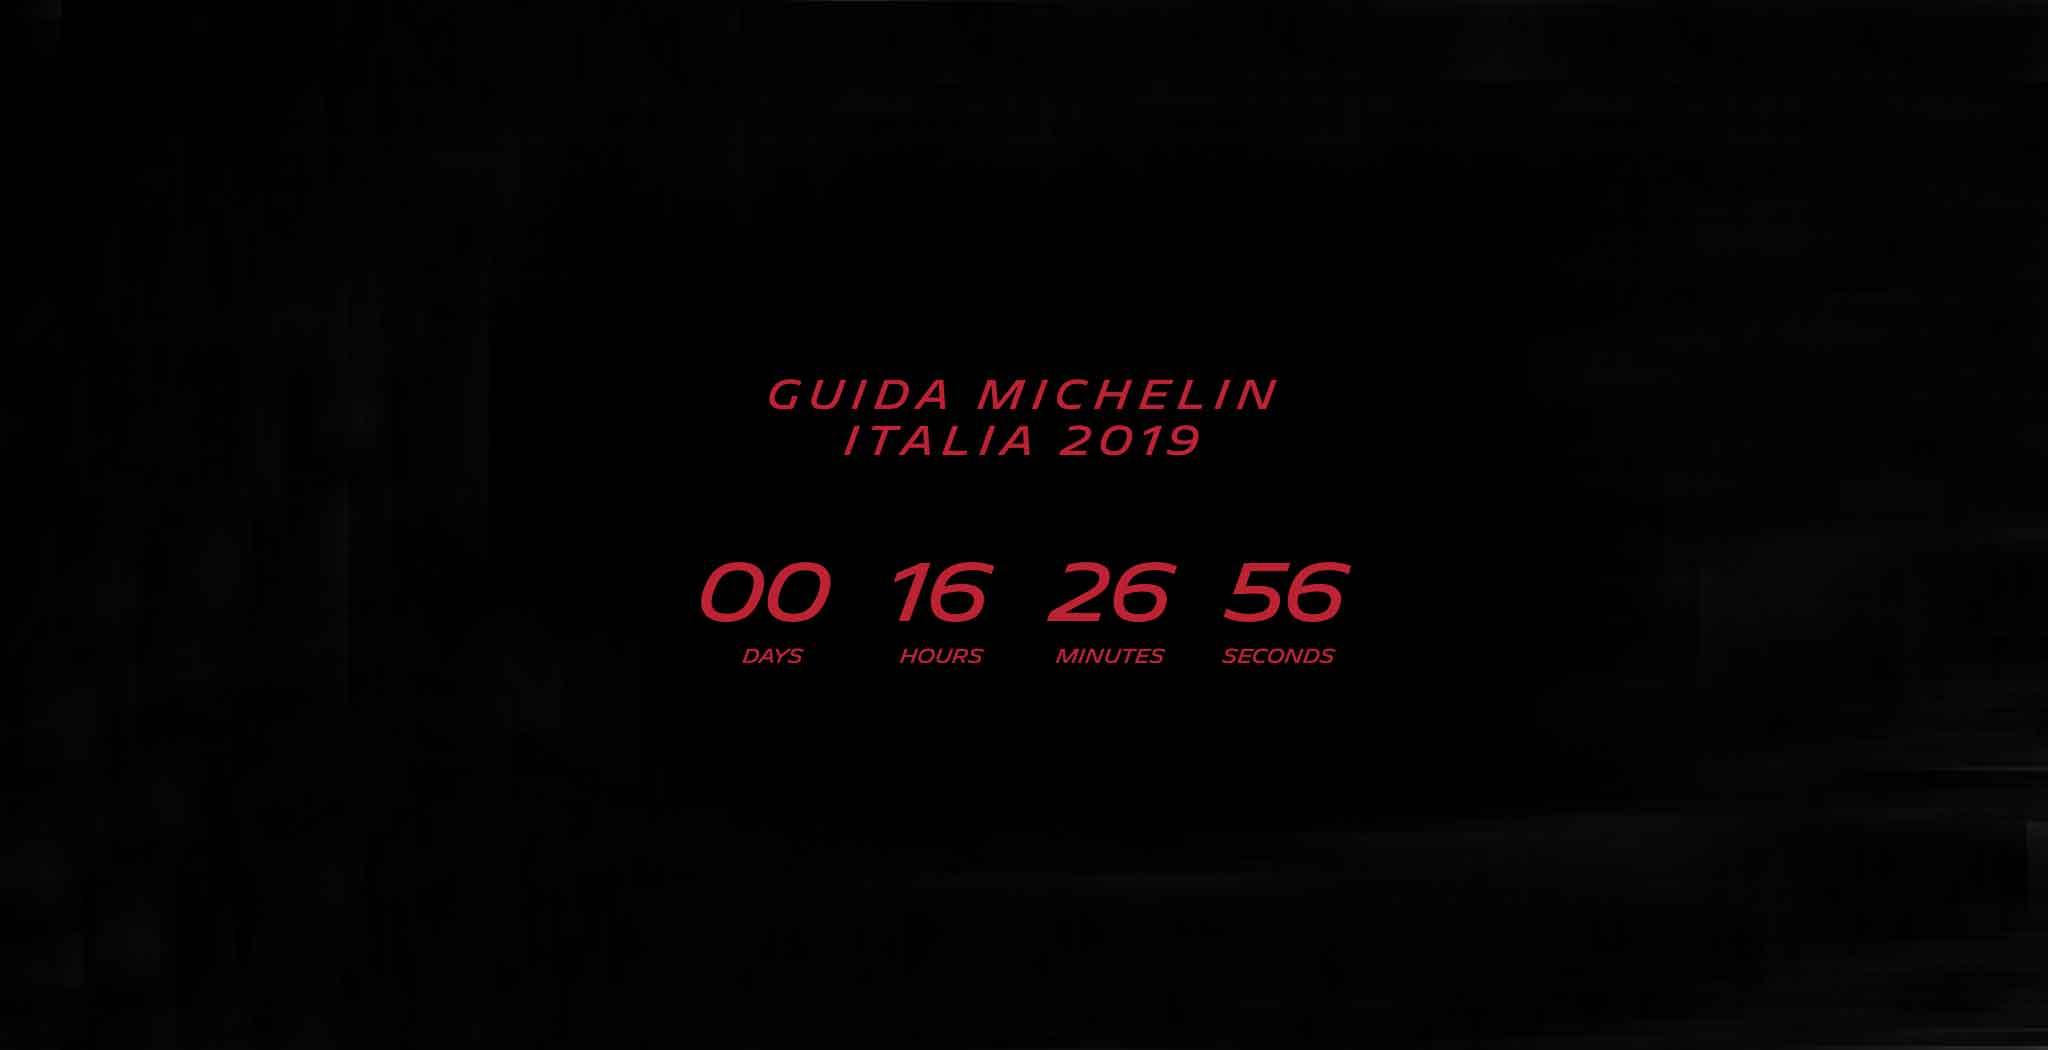 La Credenza Michelin : Guida michelin 2019. la diretta ufficiale su scatti di gusto